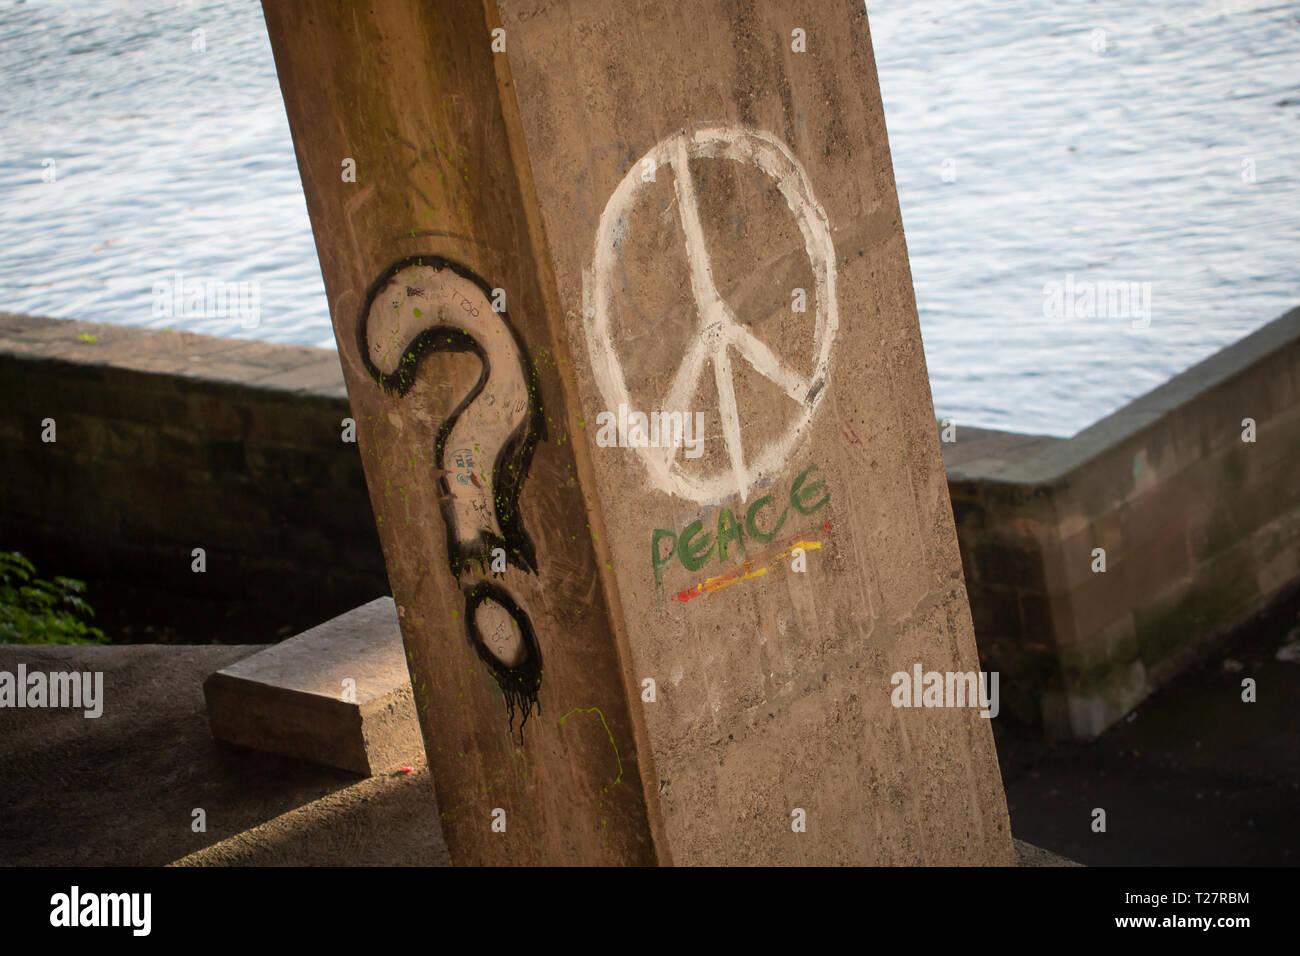 Graffiti en el puente admite - signo de interrogación y la paz internacional, símbolo de la paz la CND. Imagen De Stock